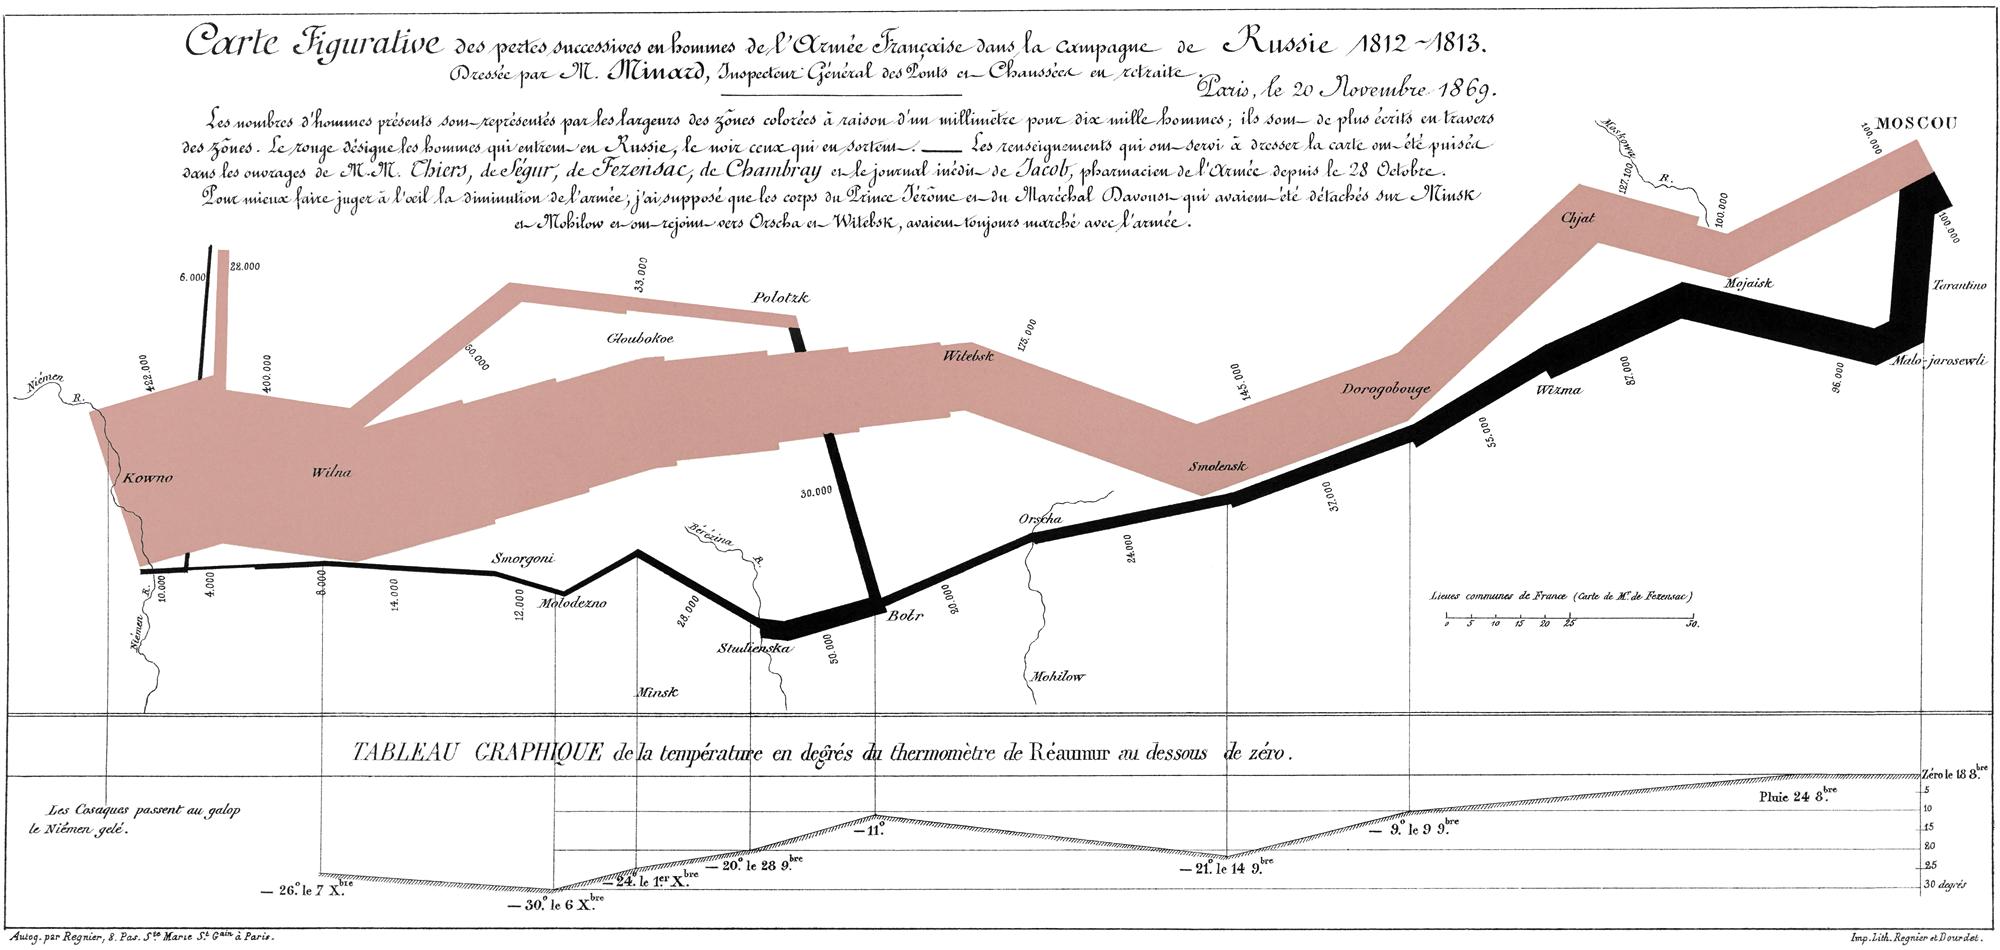 Enfin un livre sur les travaux de Data Storytelling de Charles-Joseph Minard !